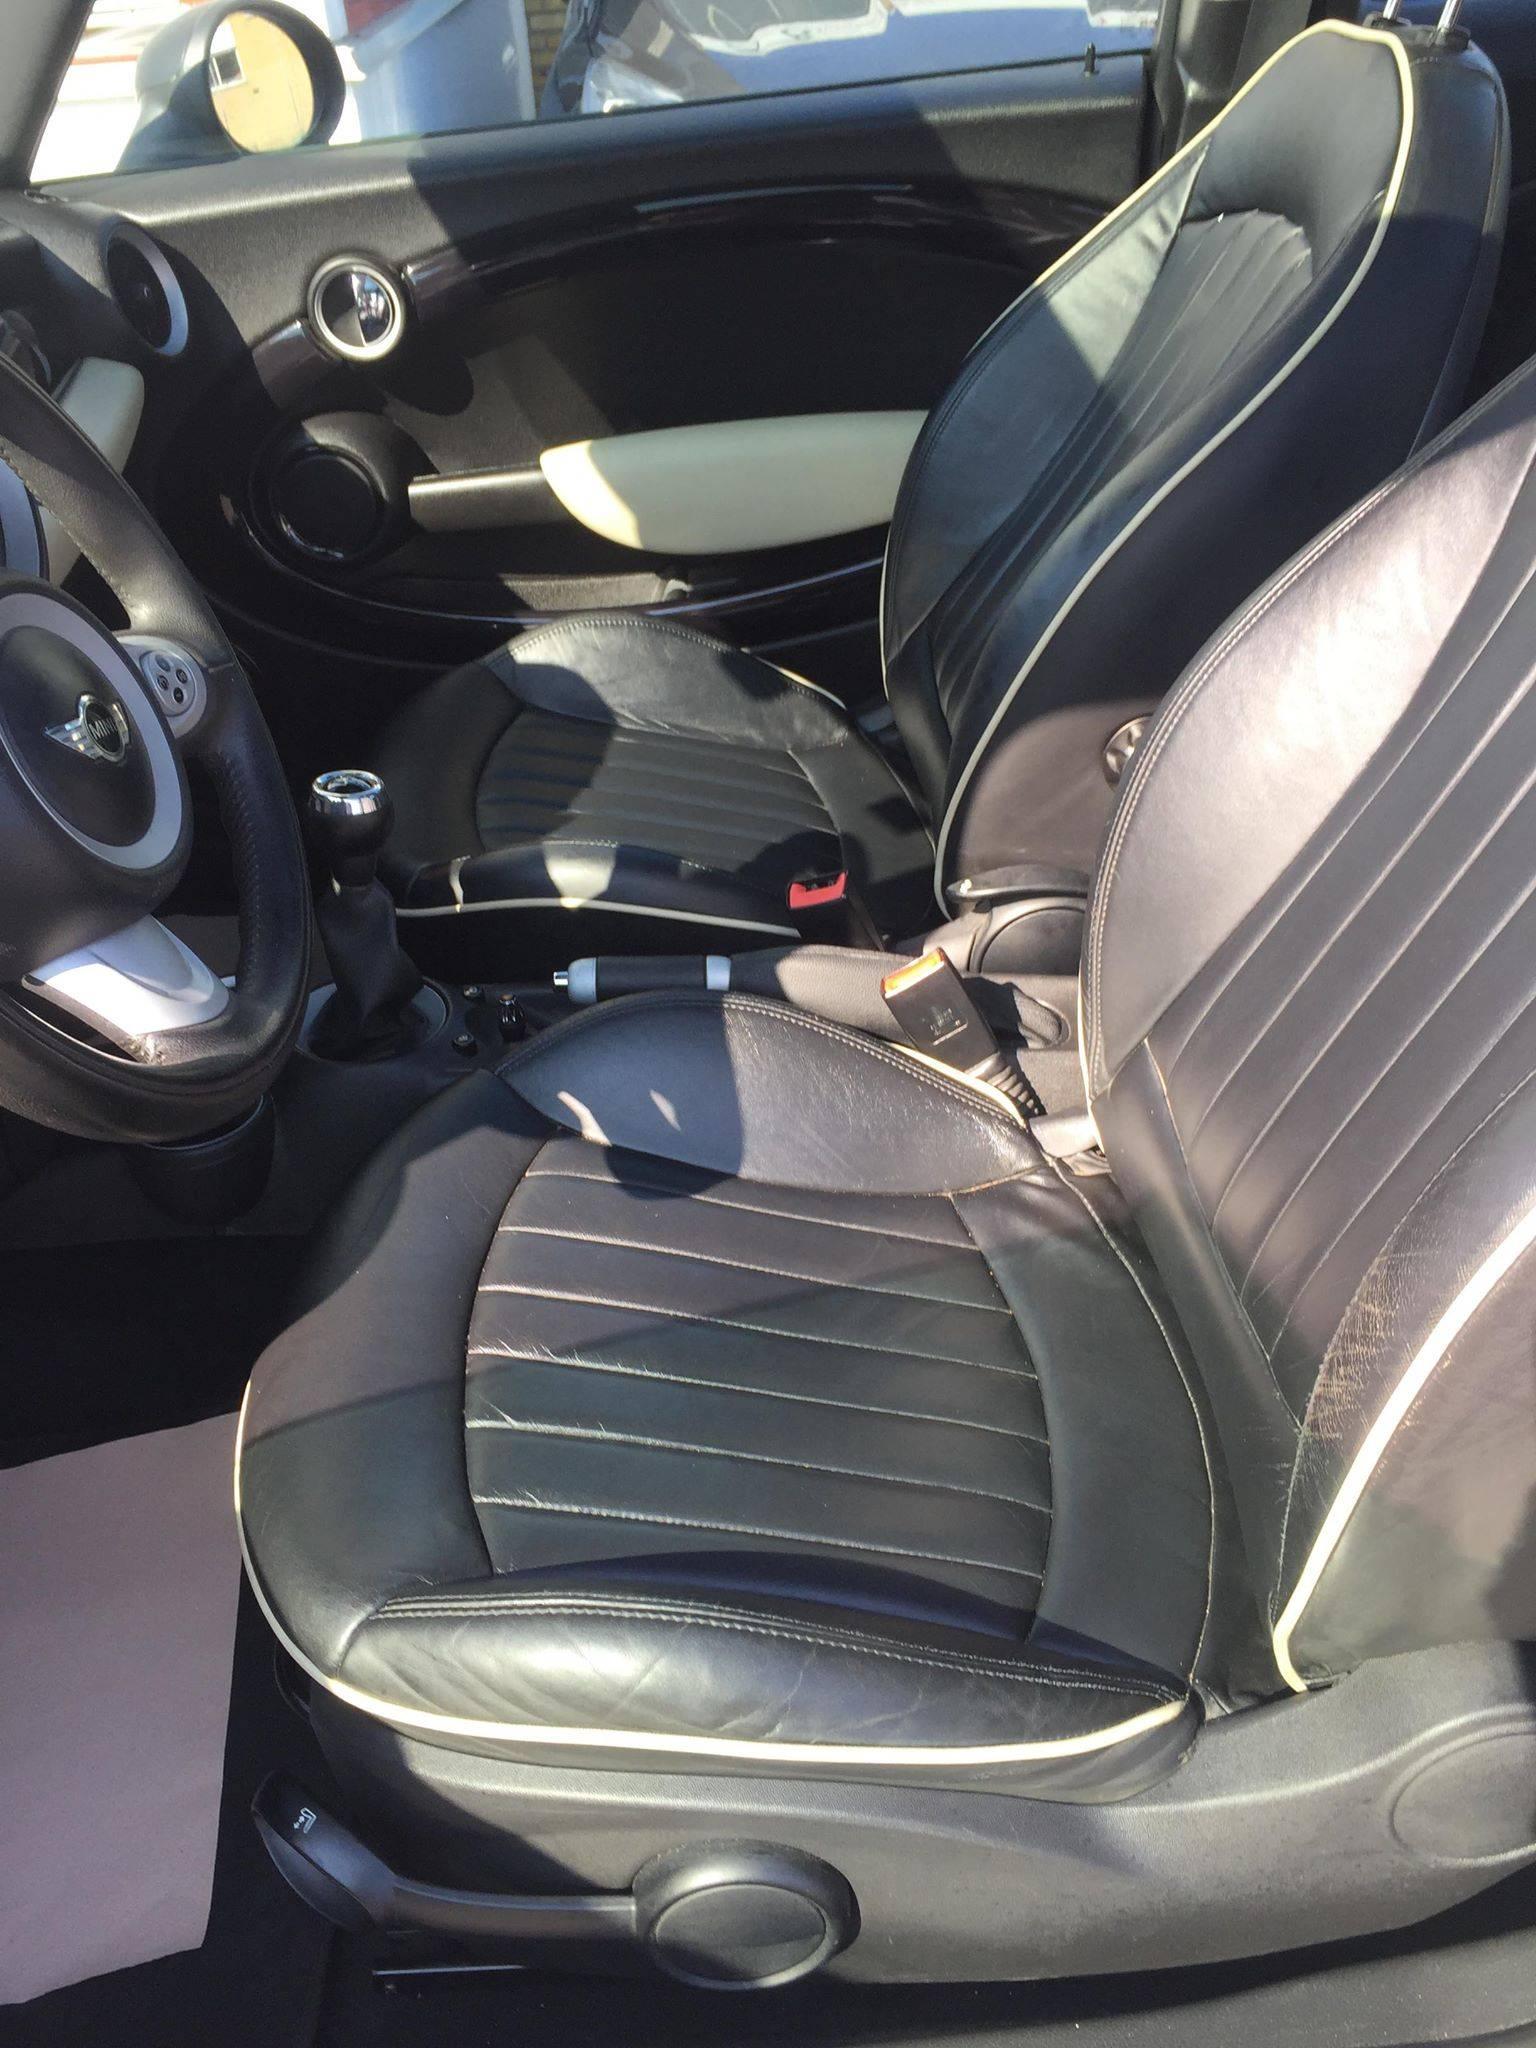 m10 - Mini Cooper S 1,6 175 3d